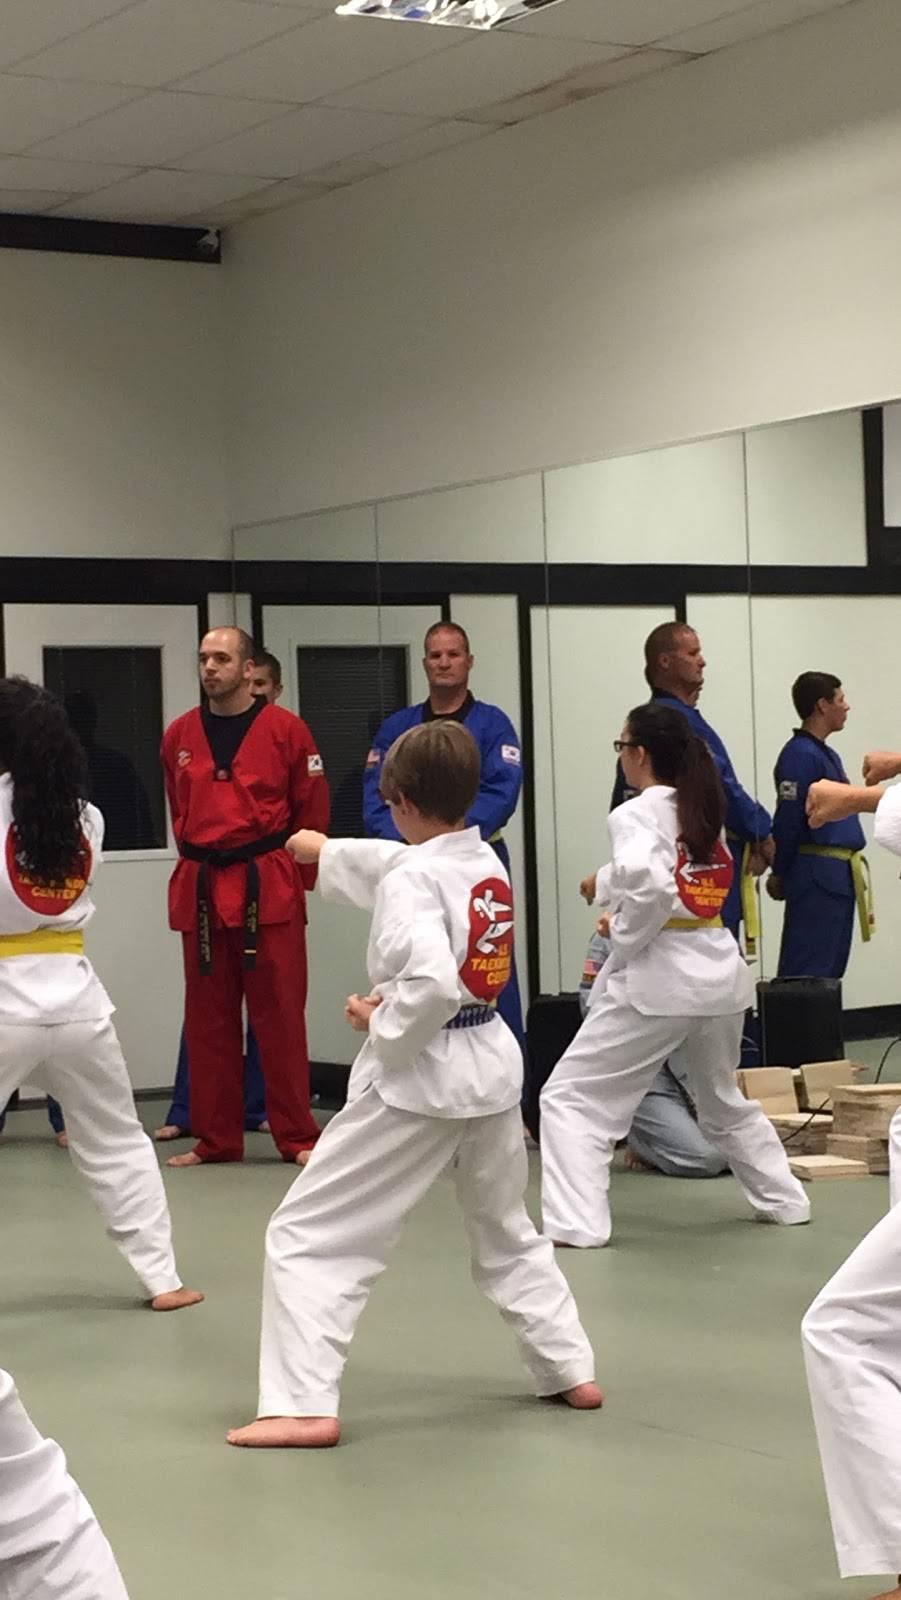 U.S. Taekwondo Center - gym  | Photo 7 of 10 | Address: 5799 Stetson Hills Blvd #110, Colorado Springs, CO 80917, USA | Phone: (719) 424-4800